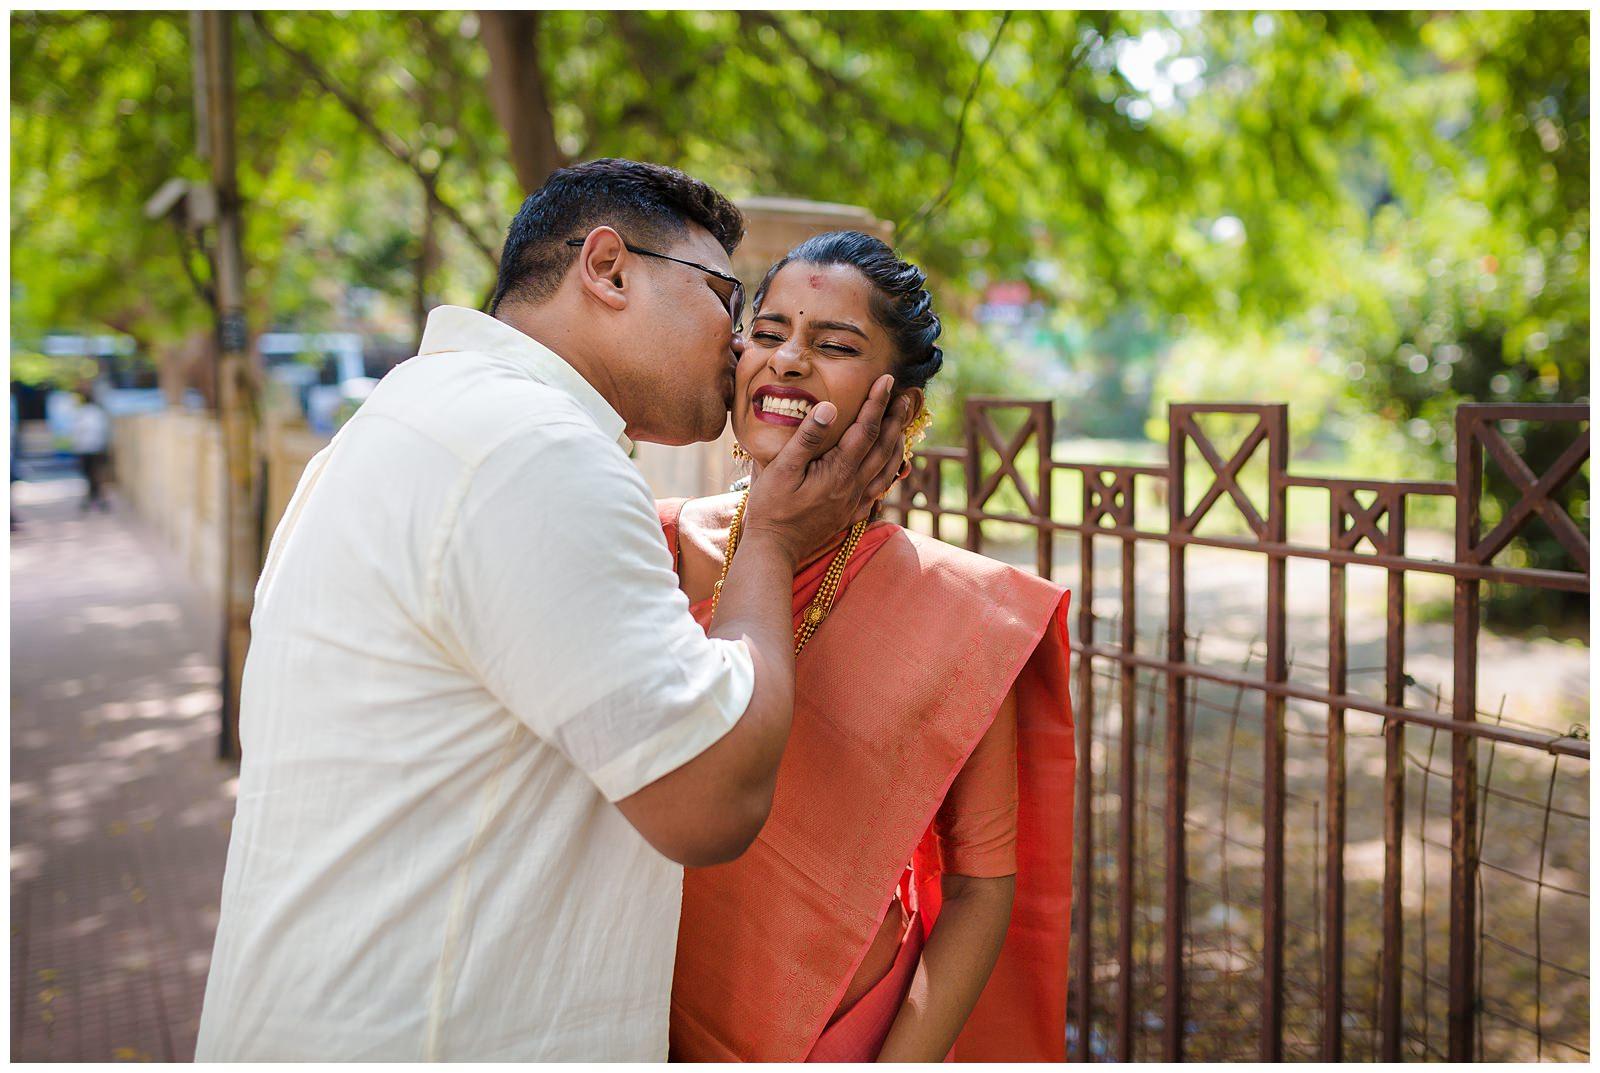 22012018-Siddharth-Shradha-Wedding-Candid-SR714-1646-59.jpeg